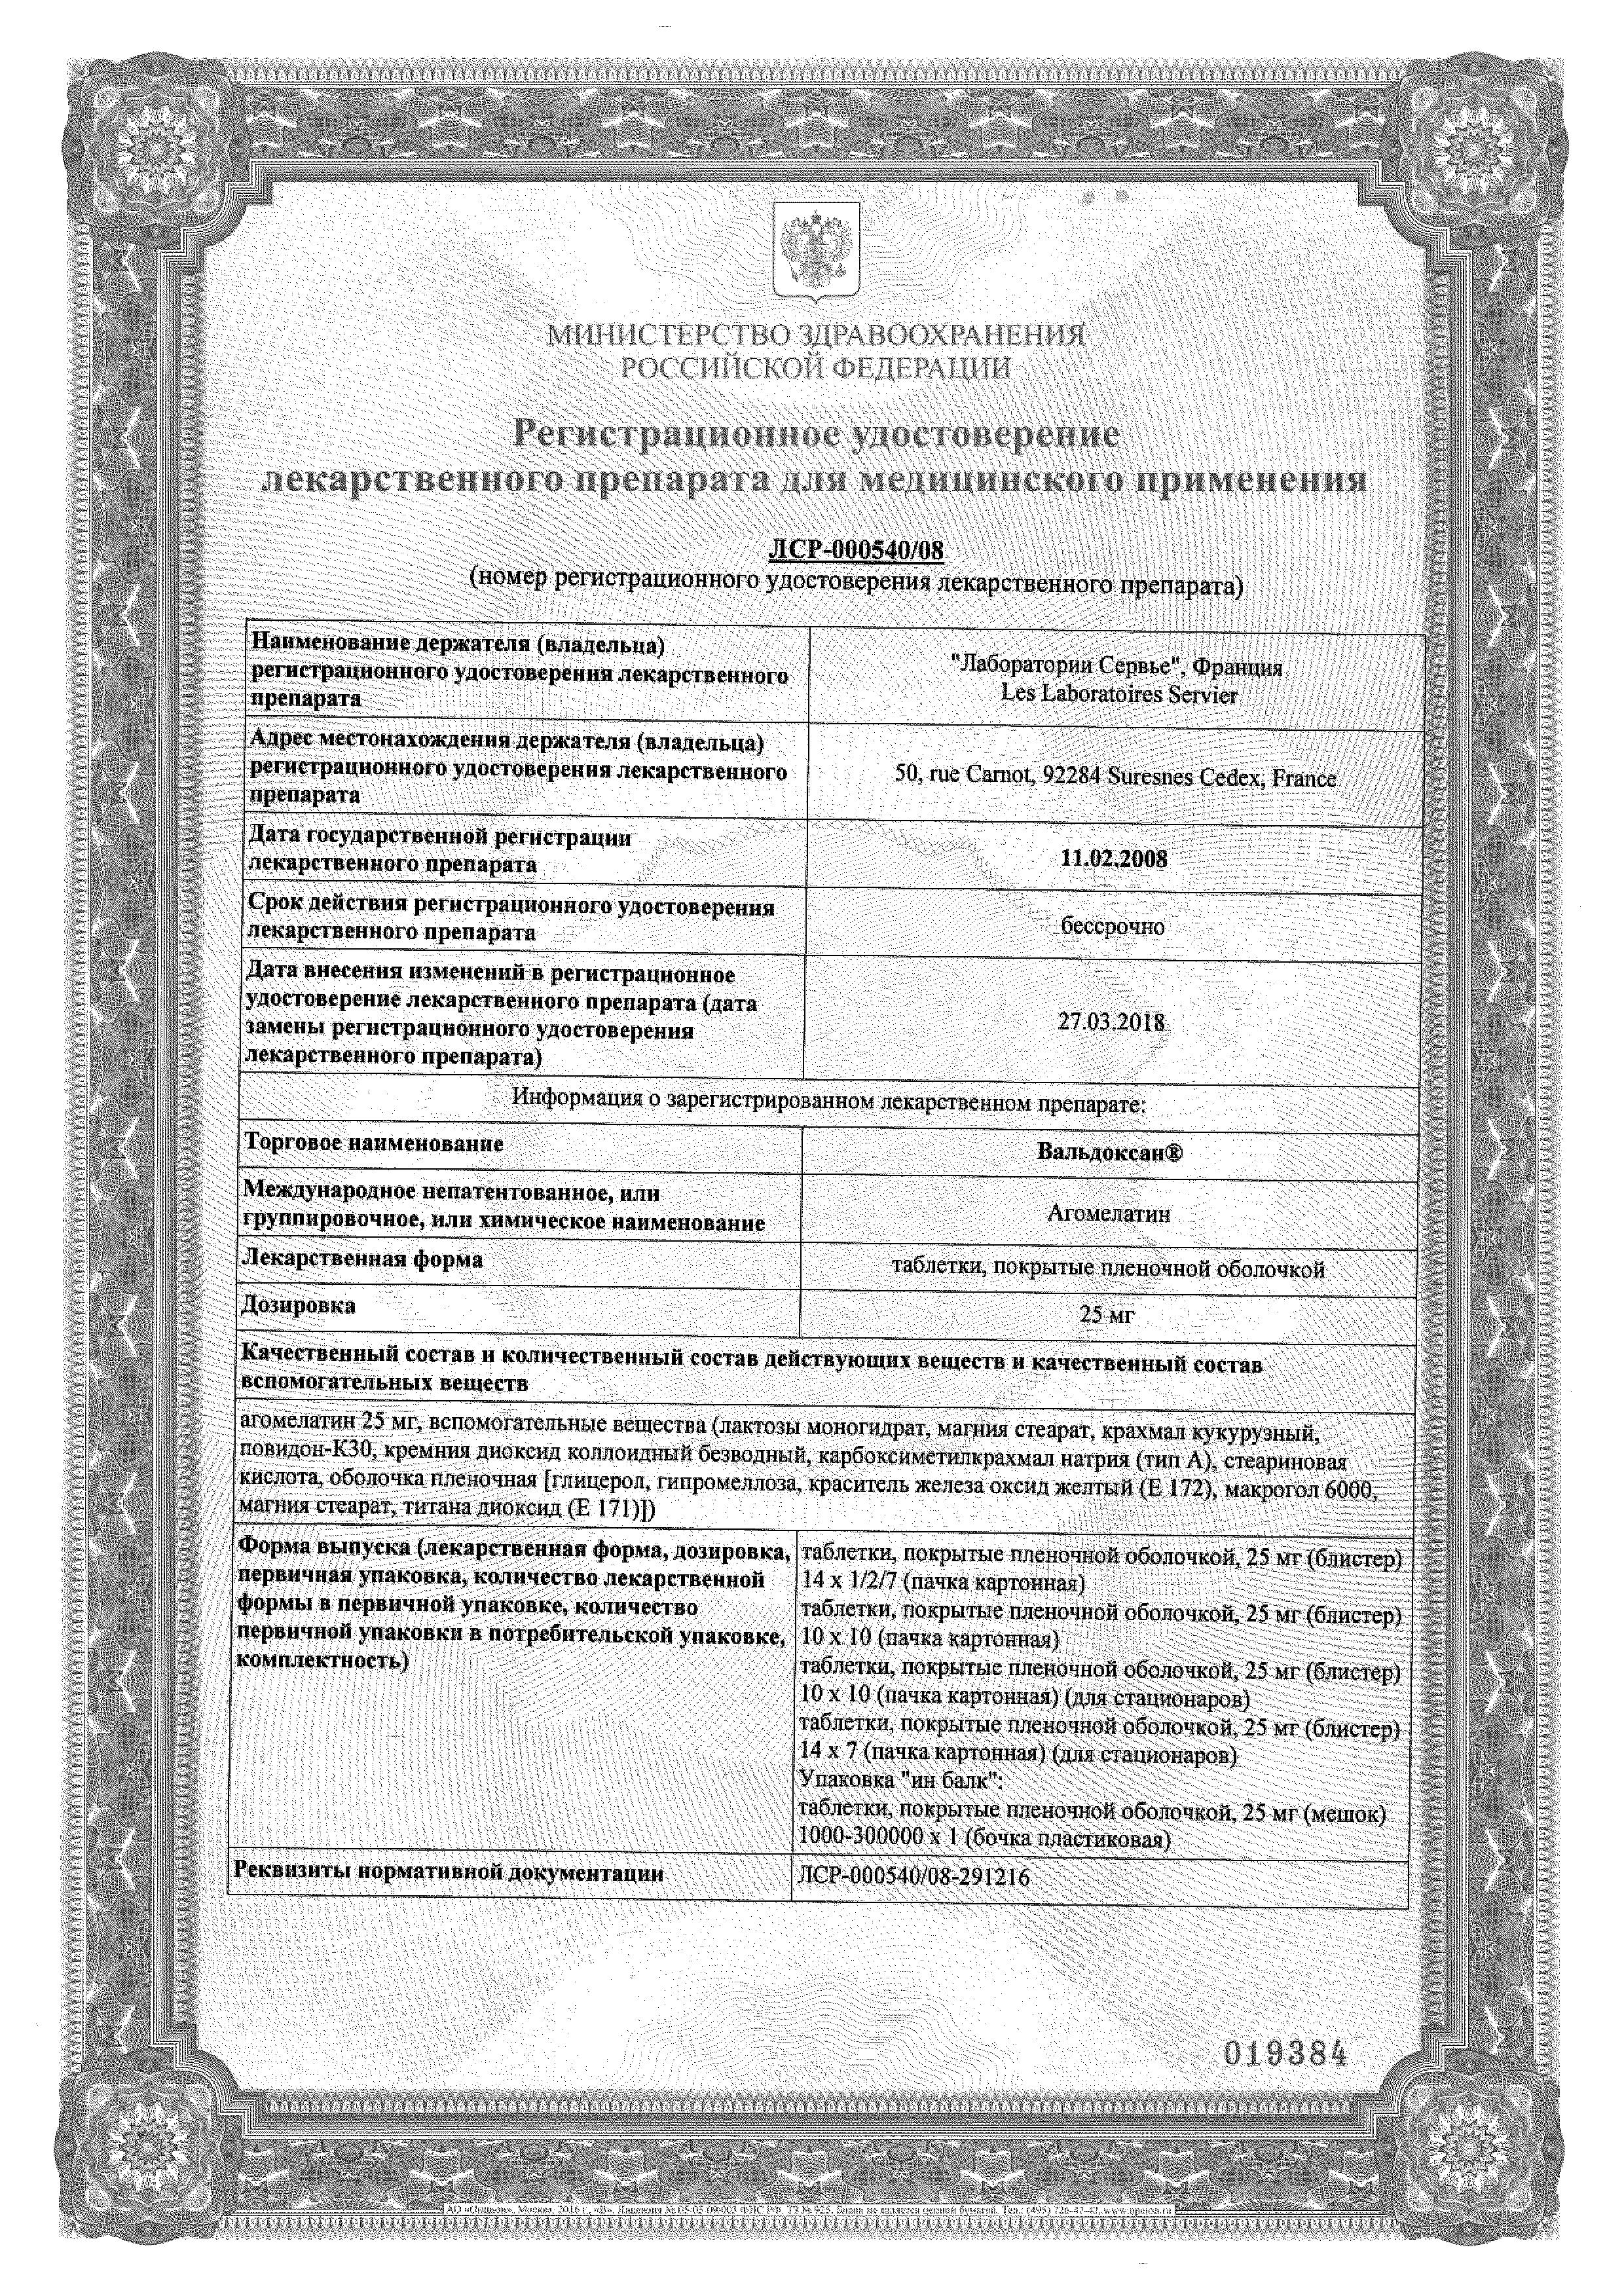 Вальдоксан сертификат